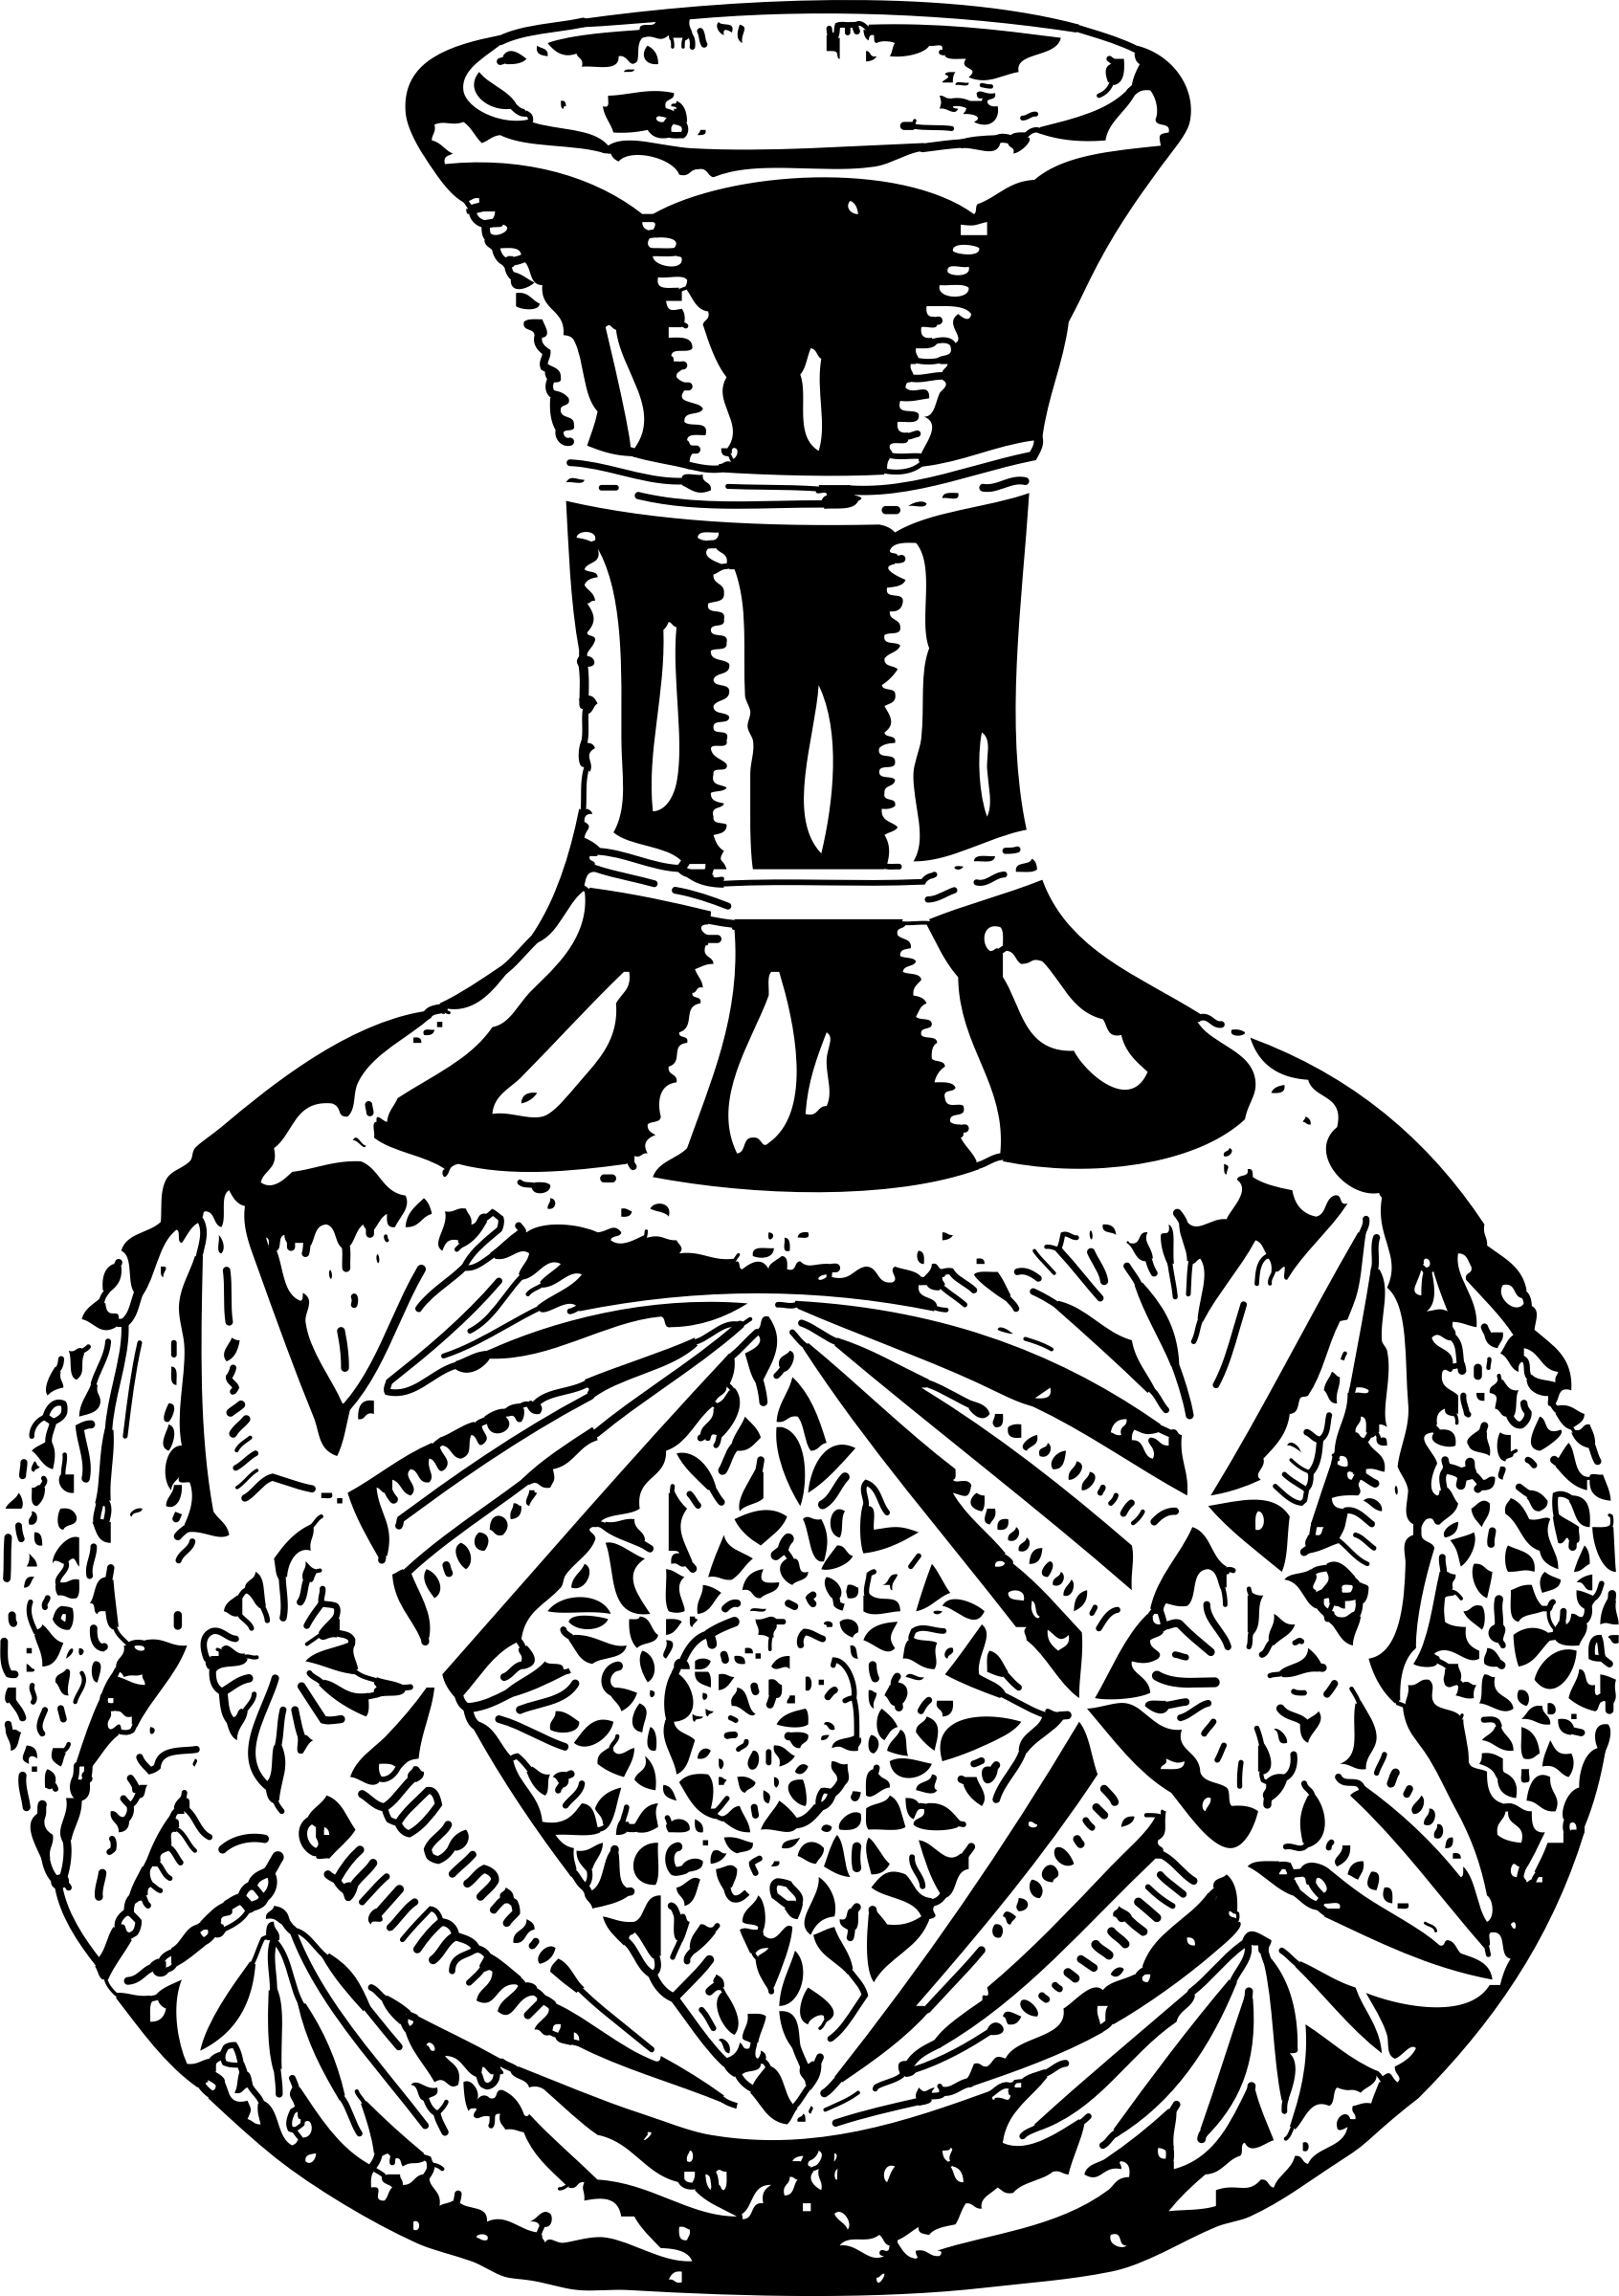 chandal psg jordan blanco